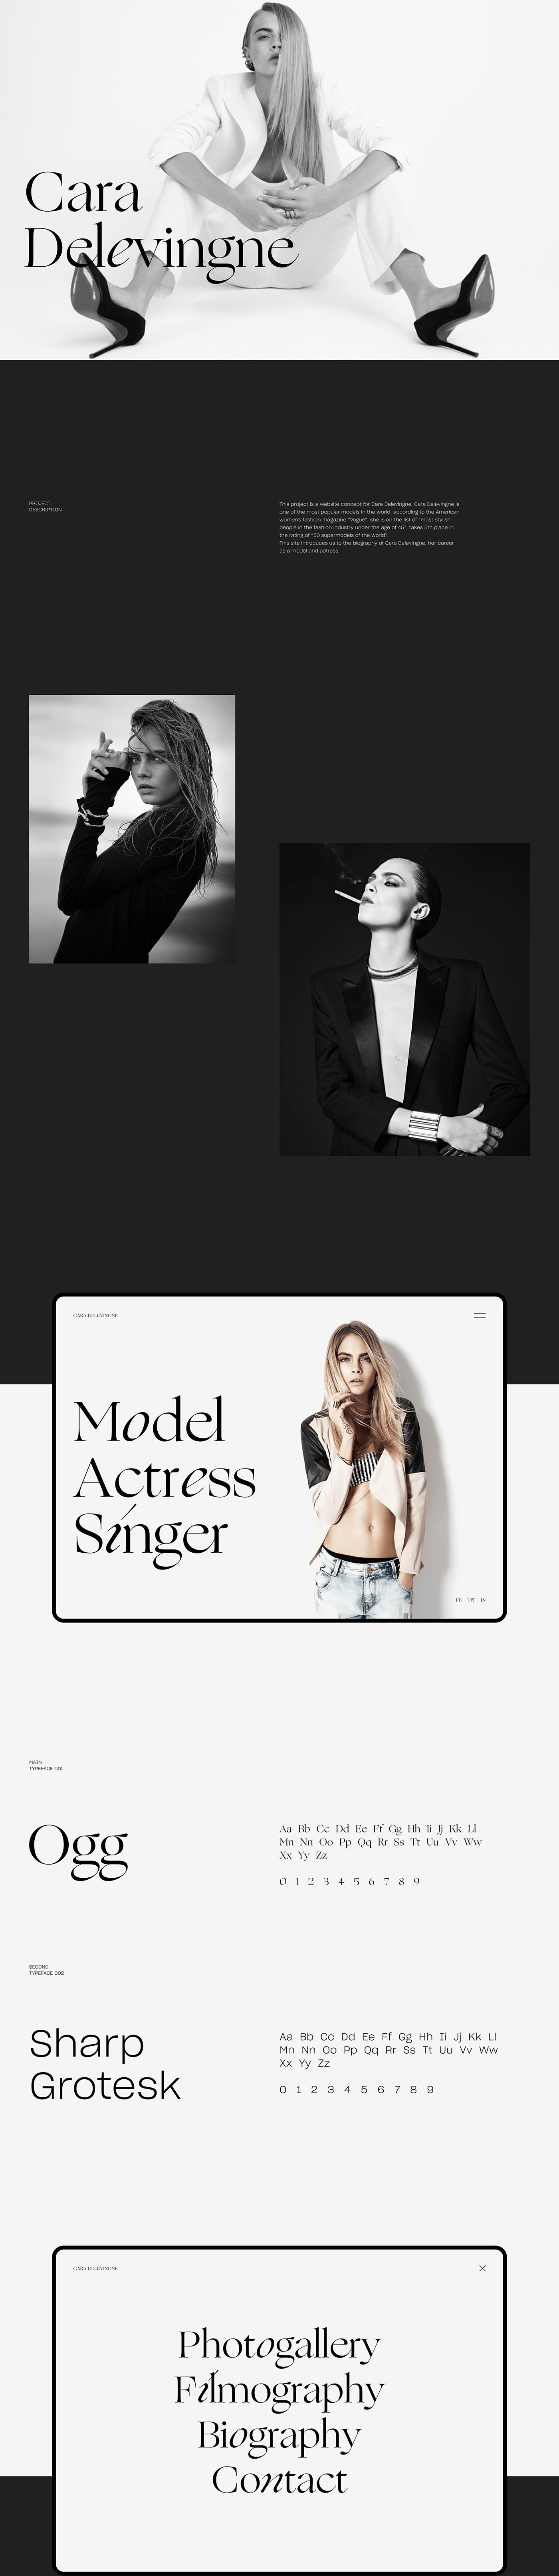 CARA DELEVINGNE Website Concept landing page Web Design  UX/UI Designer fashion design